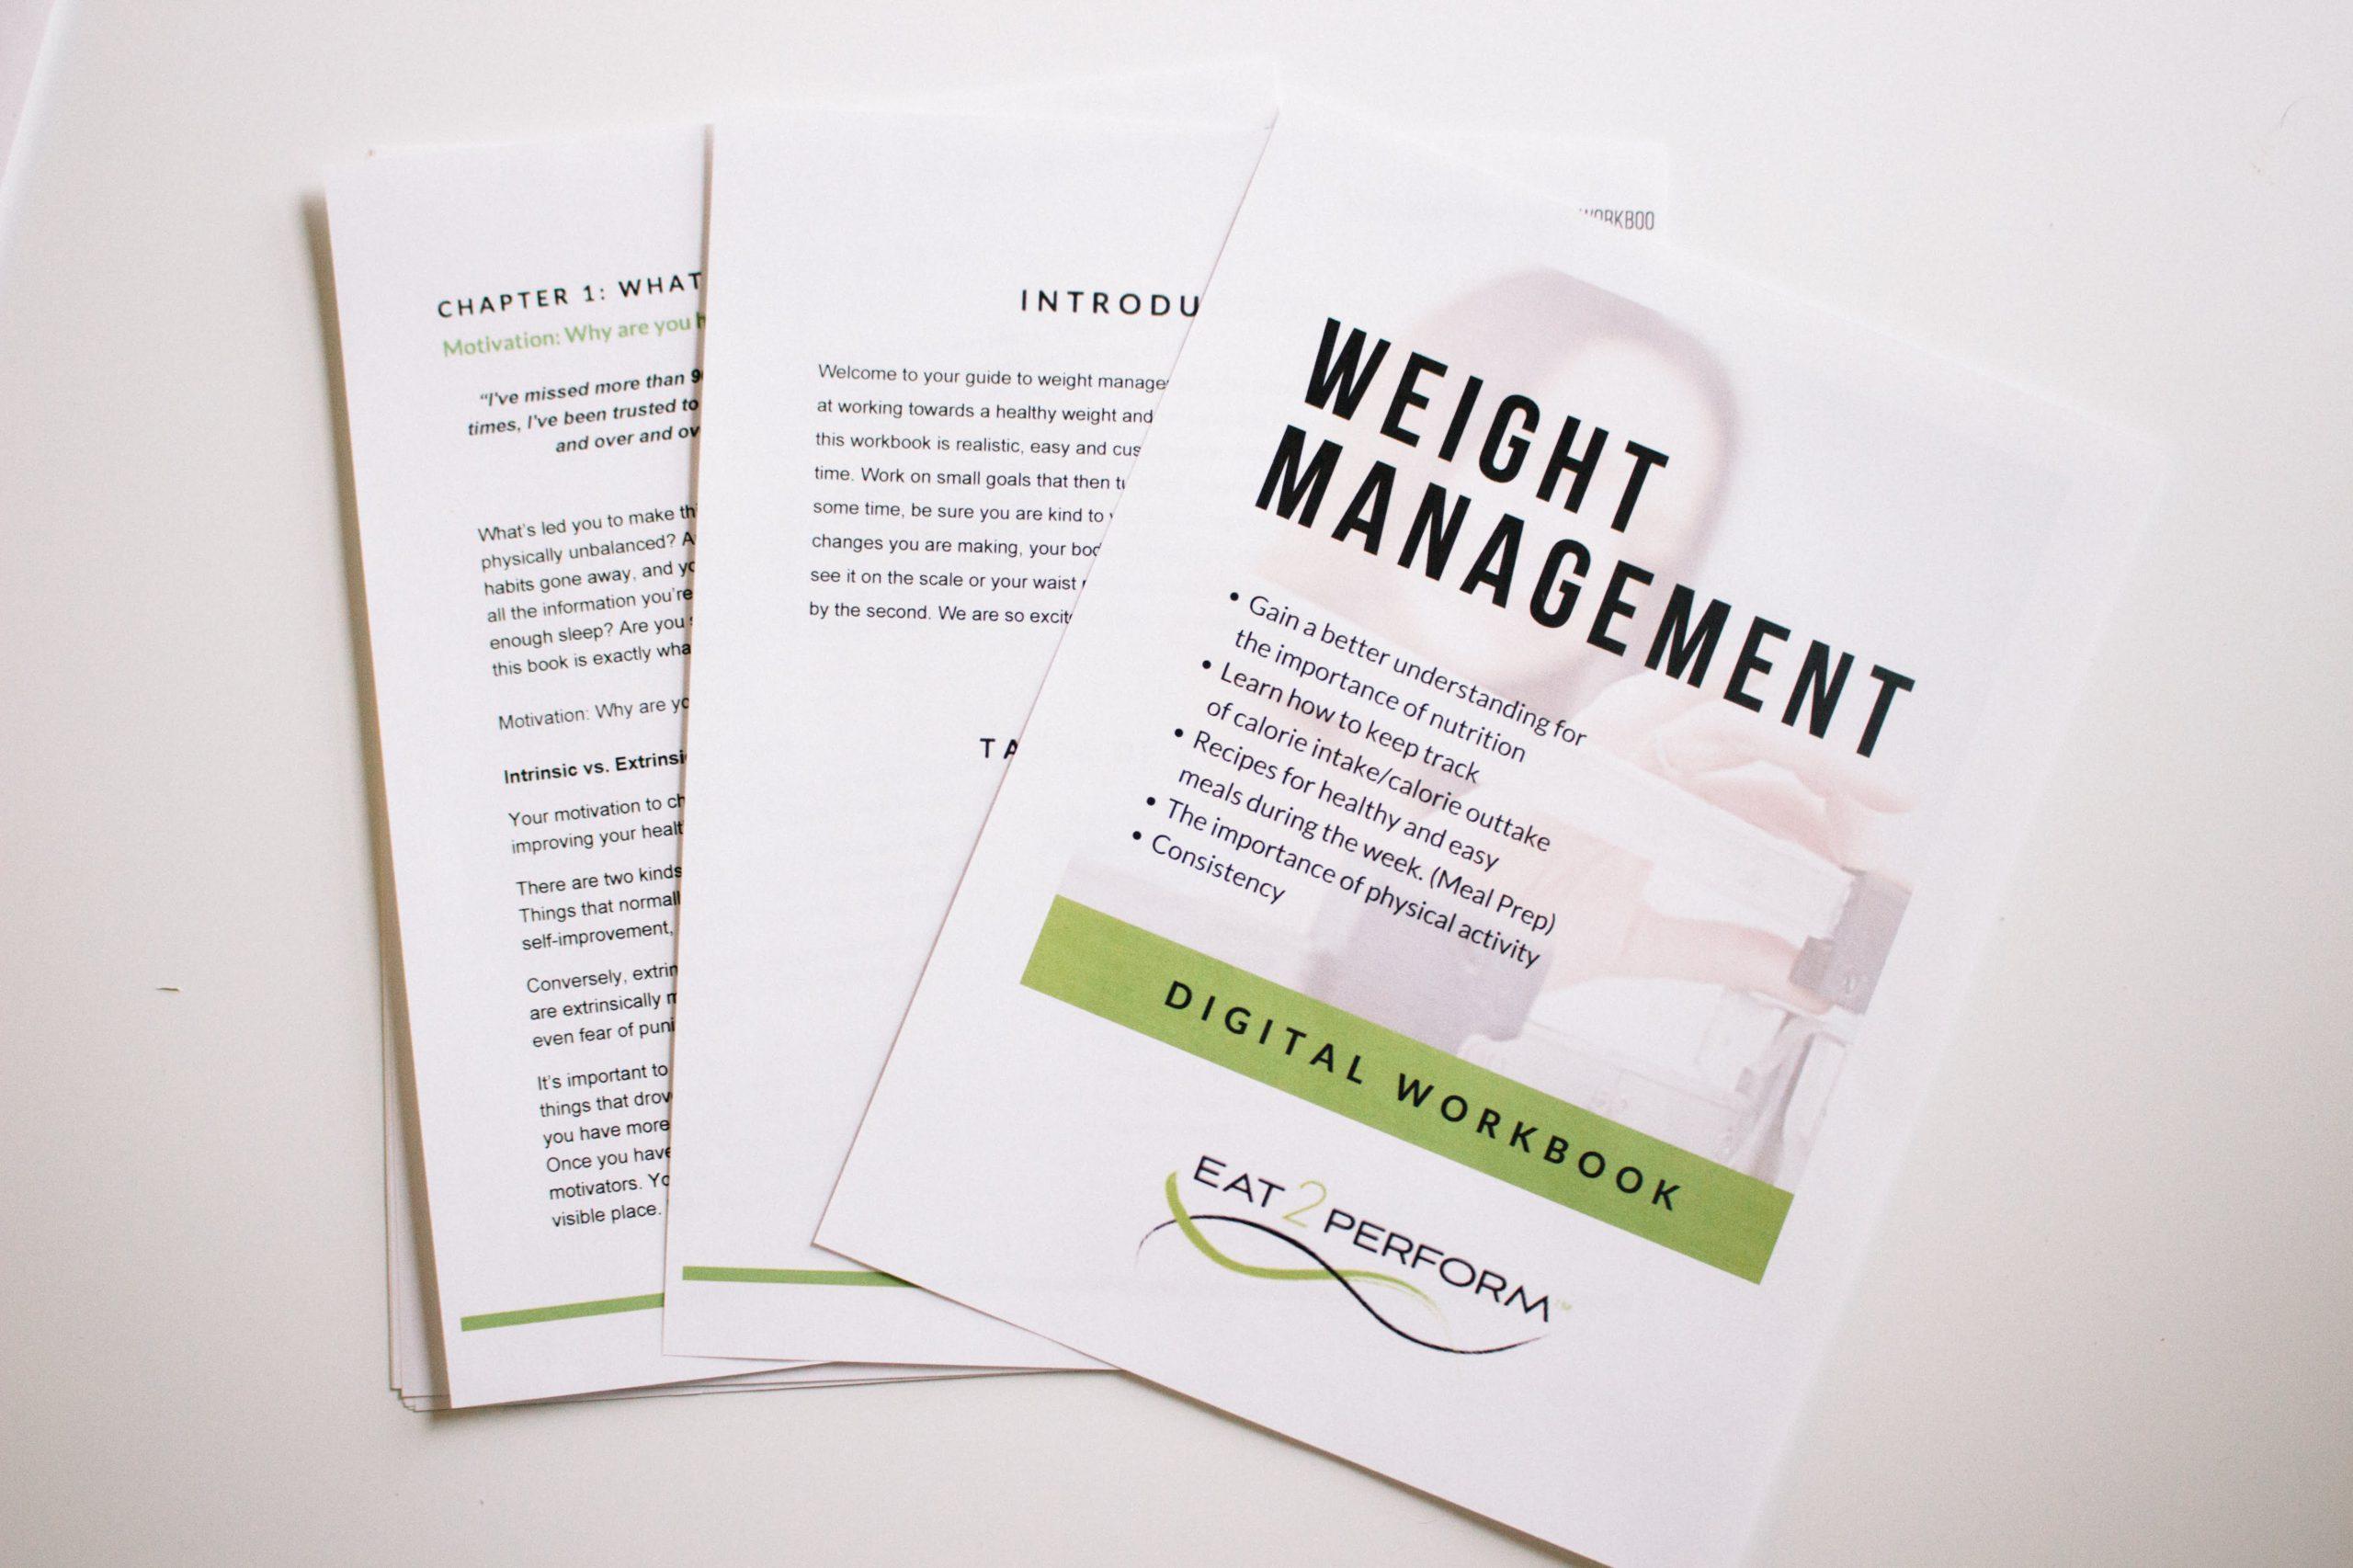 Weight Management Workbook